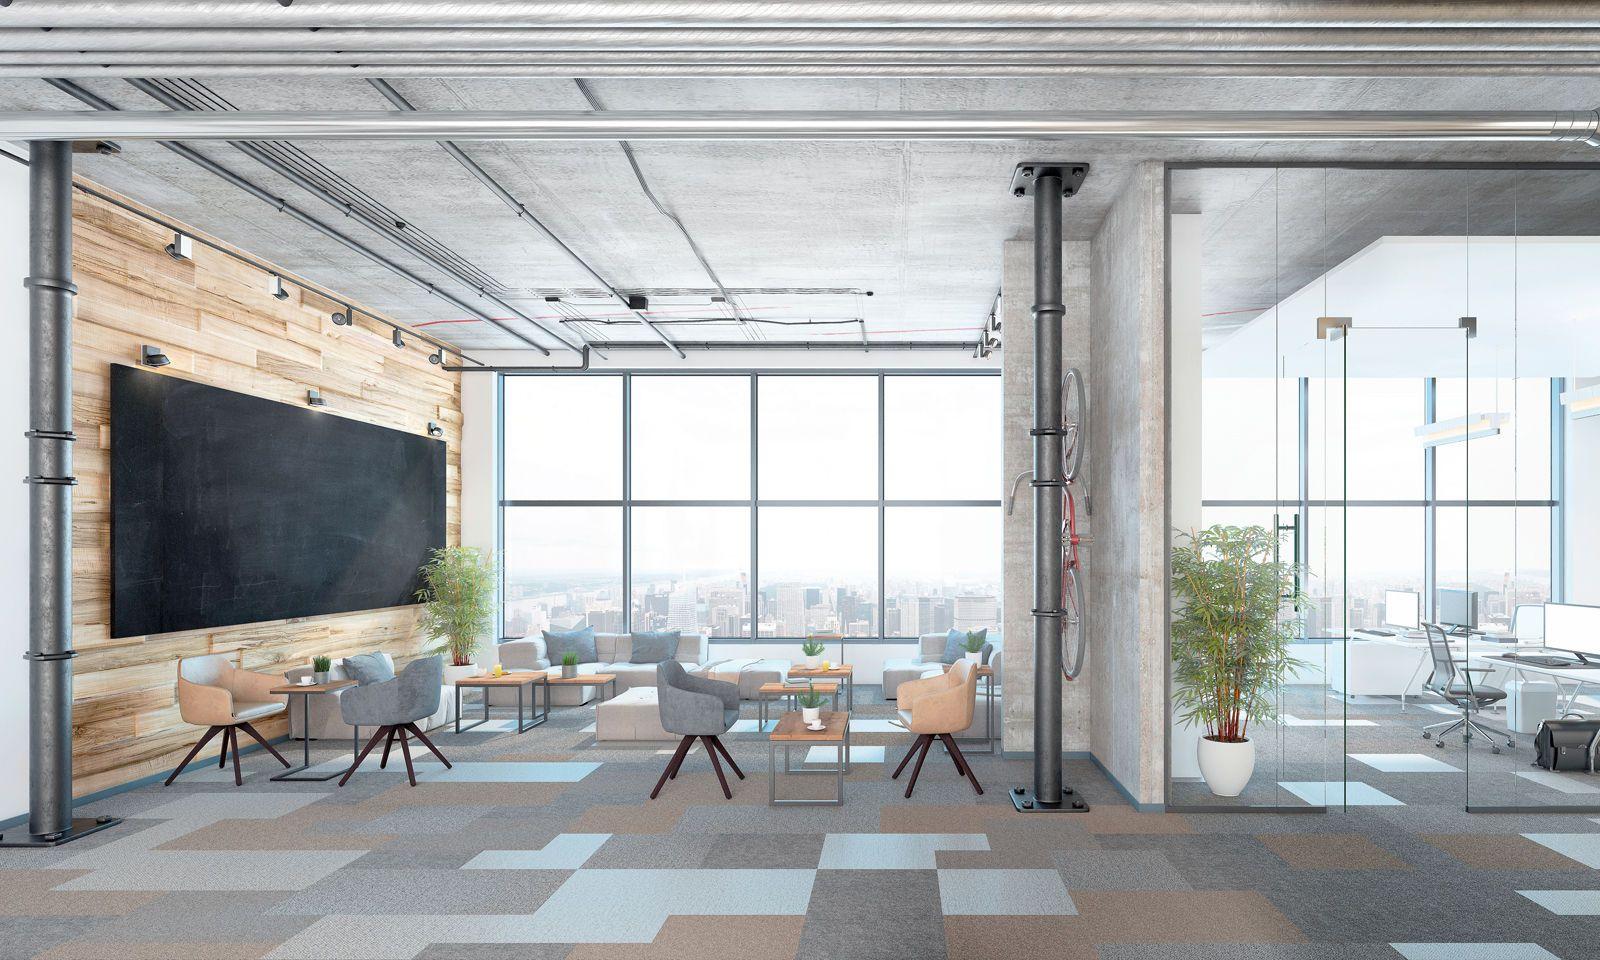 Lounge, Büro, Besprechungsraum? Gesucht sind Flächen, in denen neue Arbeitskonzepte gut dargestellt werden können.